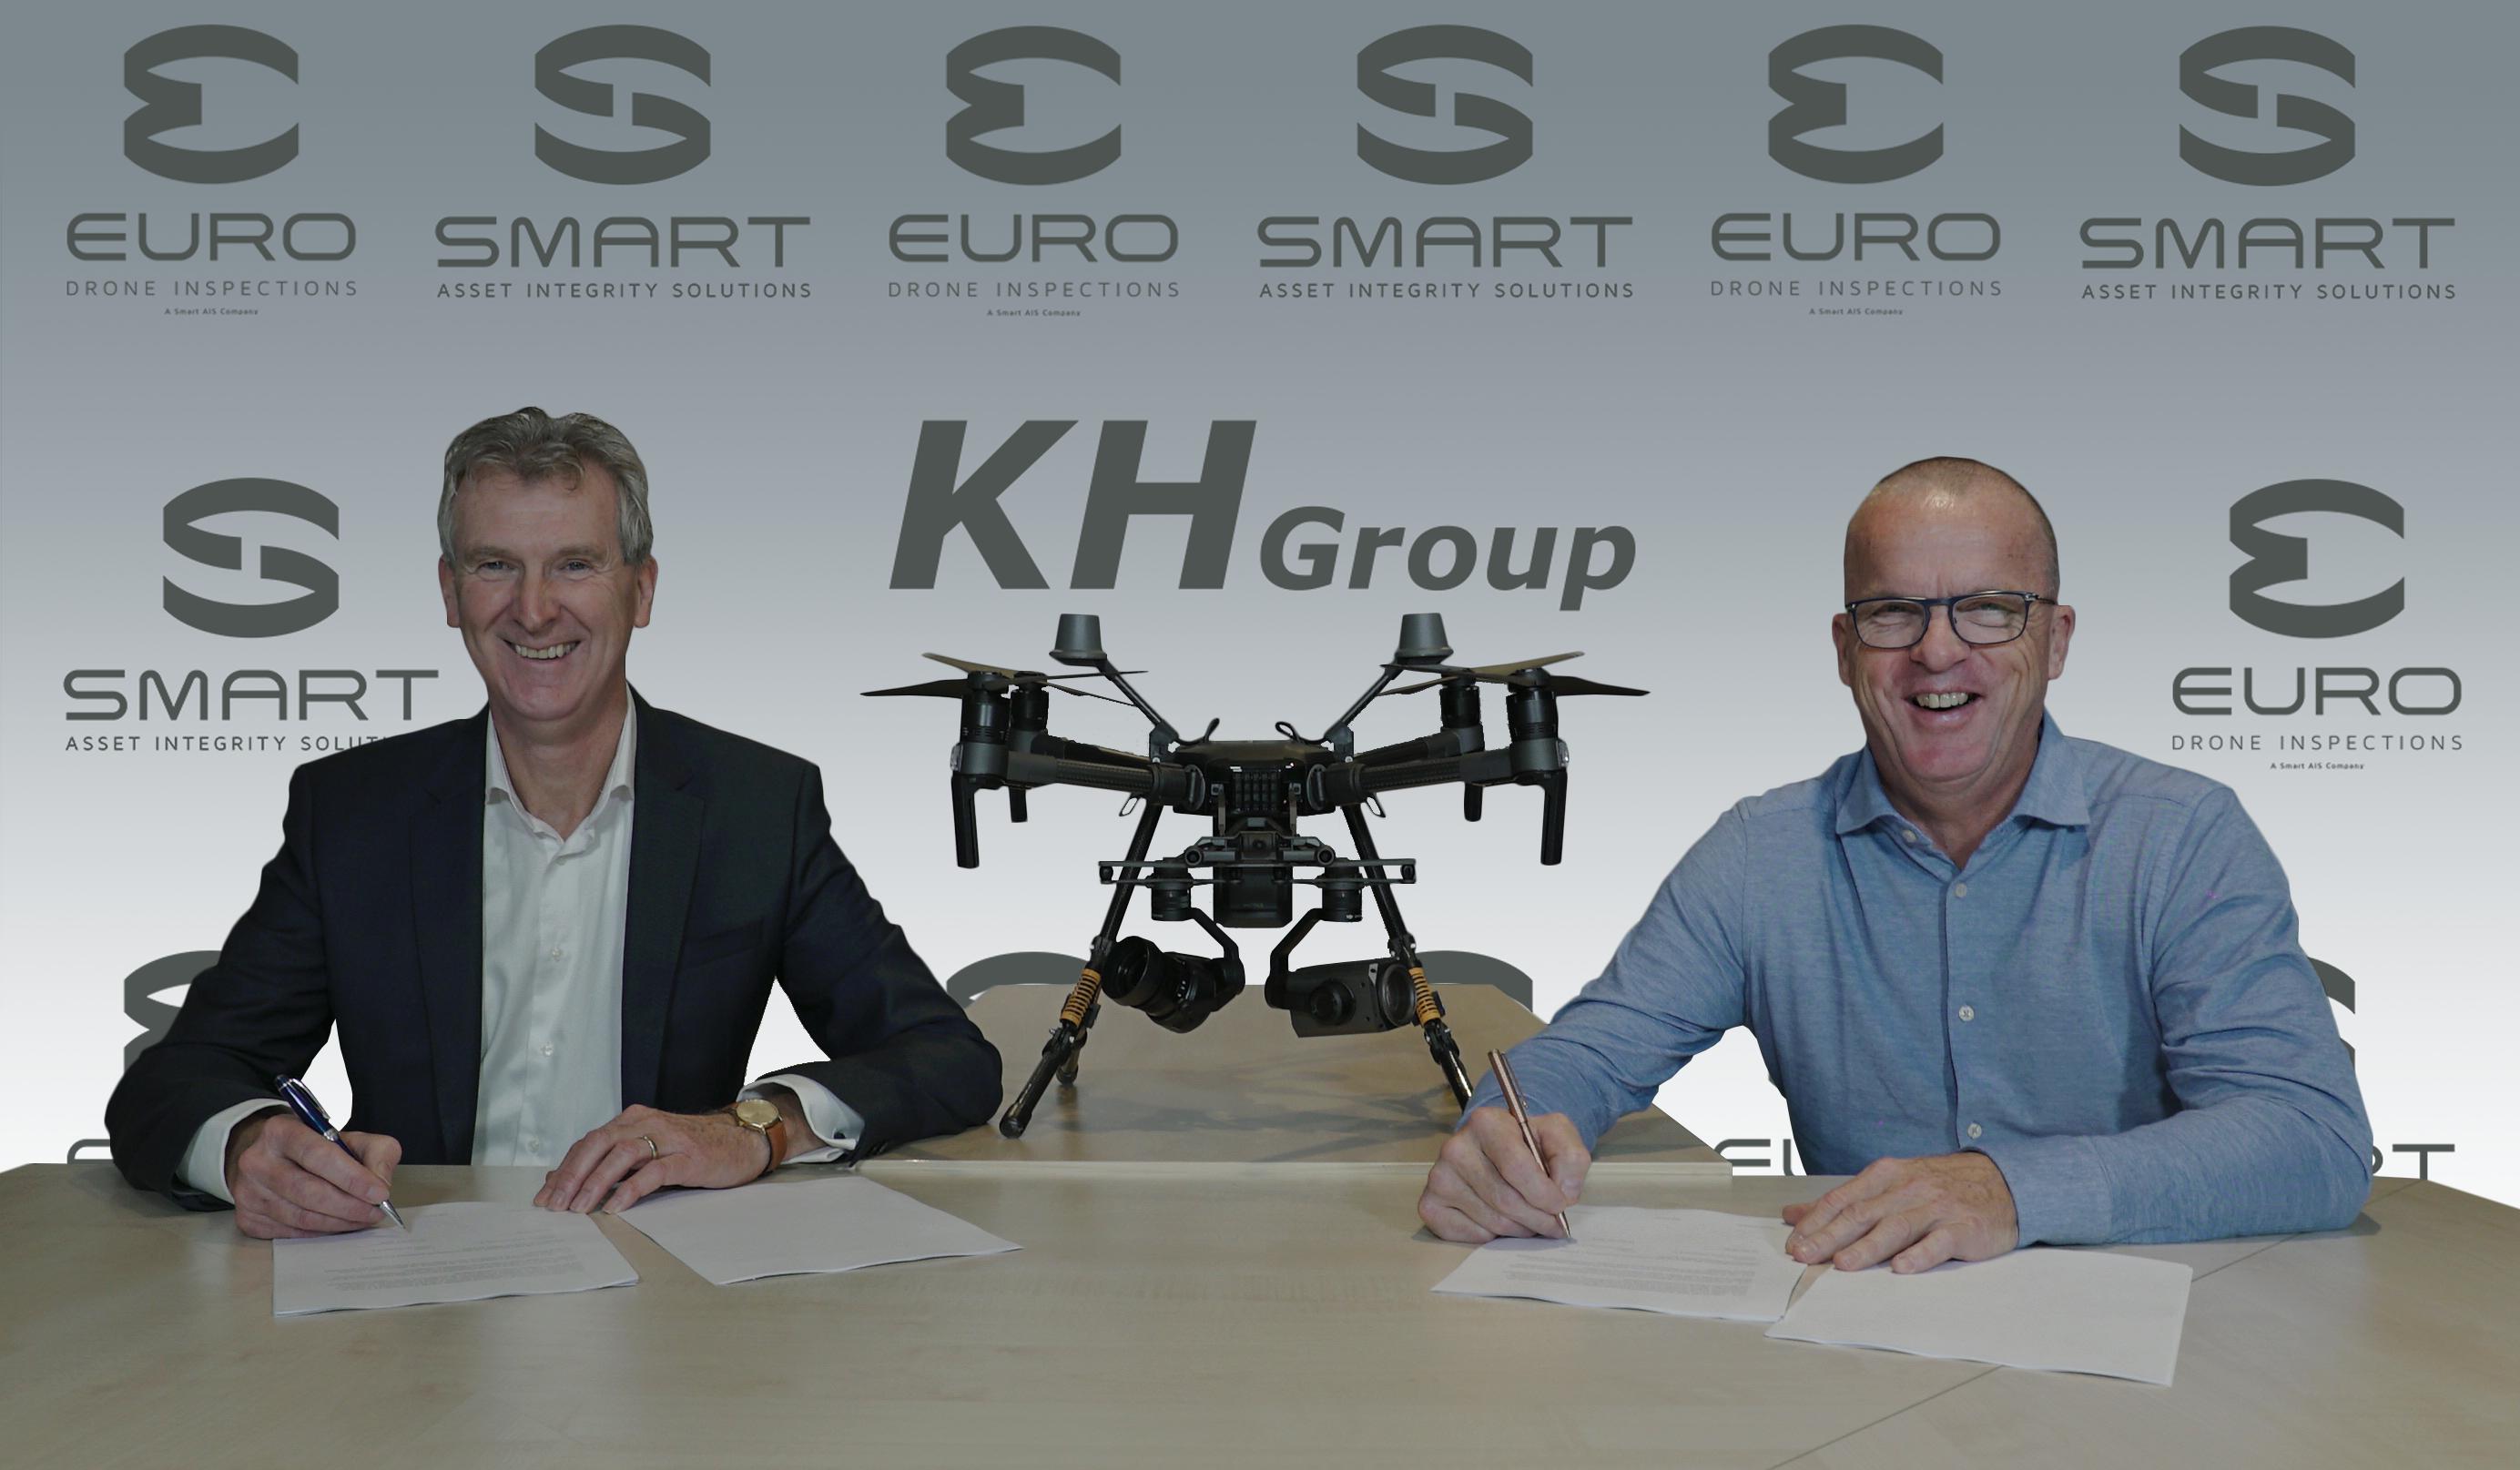 Rick Bijl en Willem Pronk ondertekenen de samenwerkingsovereenkomst tussen KH Engineering en Euro Drone Inspections.